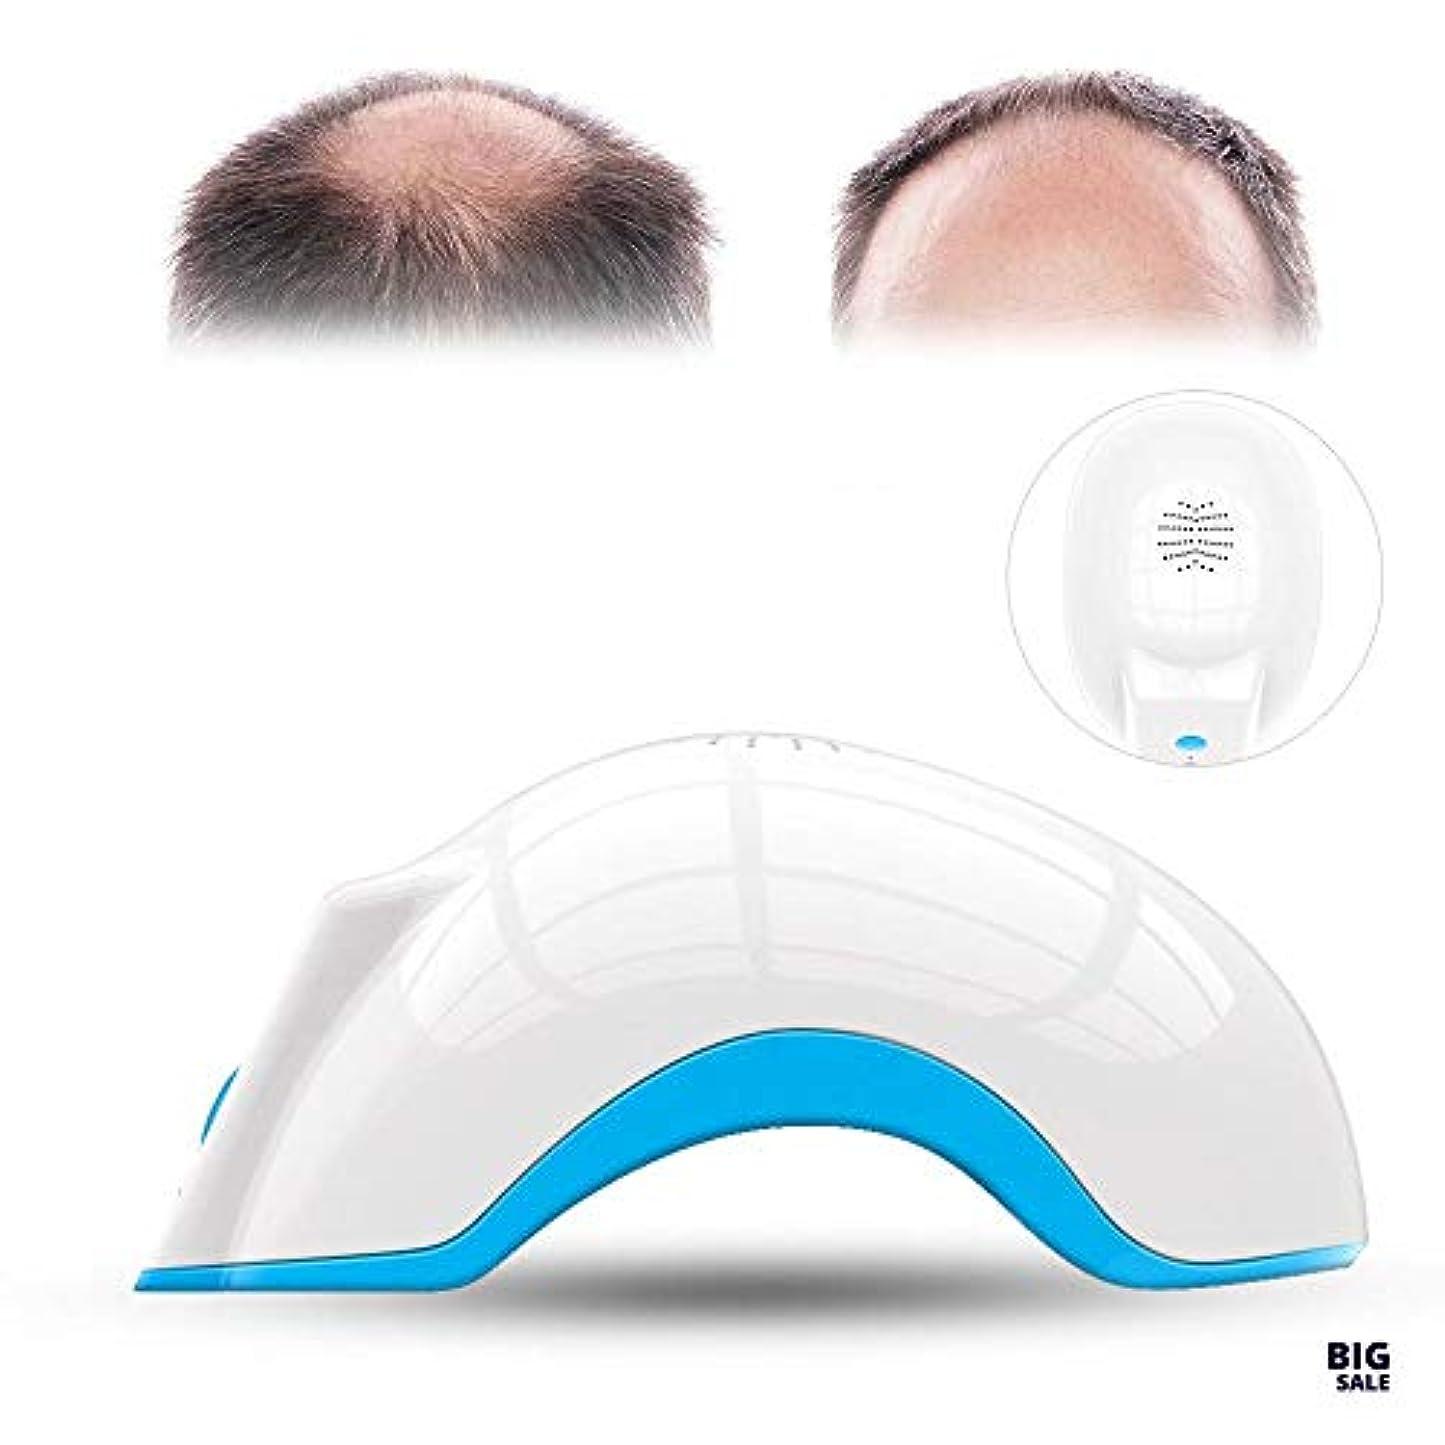 講師考え代わりにMOLLYNANA 脱毛再生治療用ヘルメット抗脱毛マッサージ療法治療脱毛症キャップ脱毛再生用ヘルメット